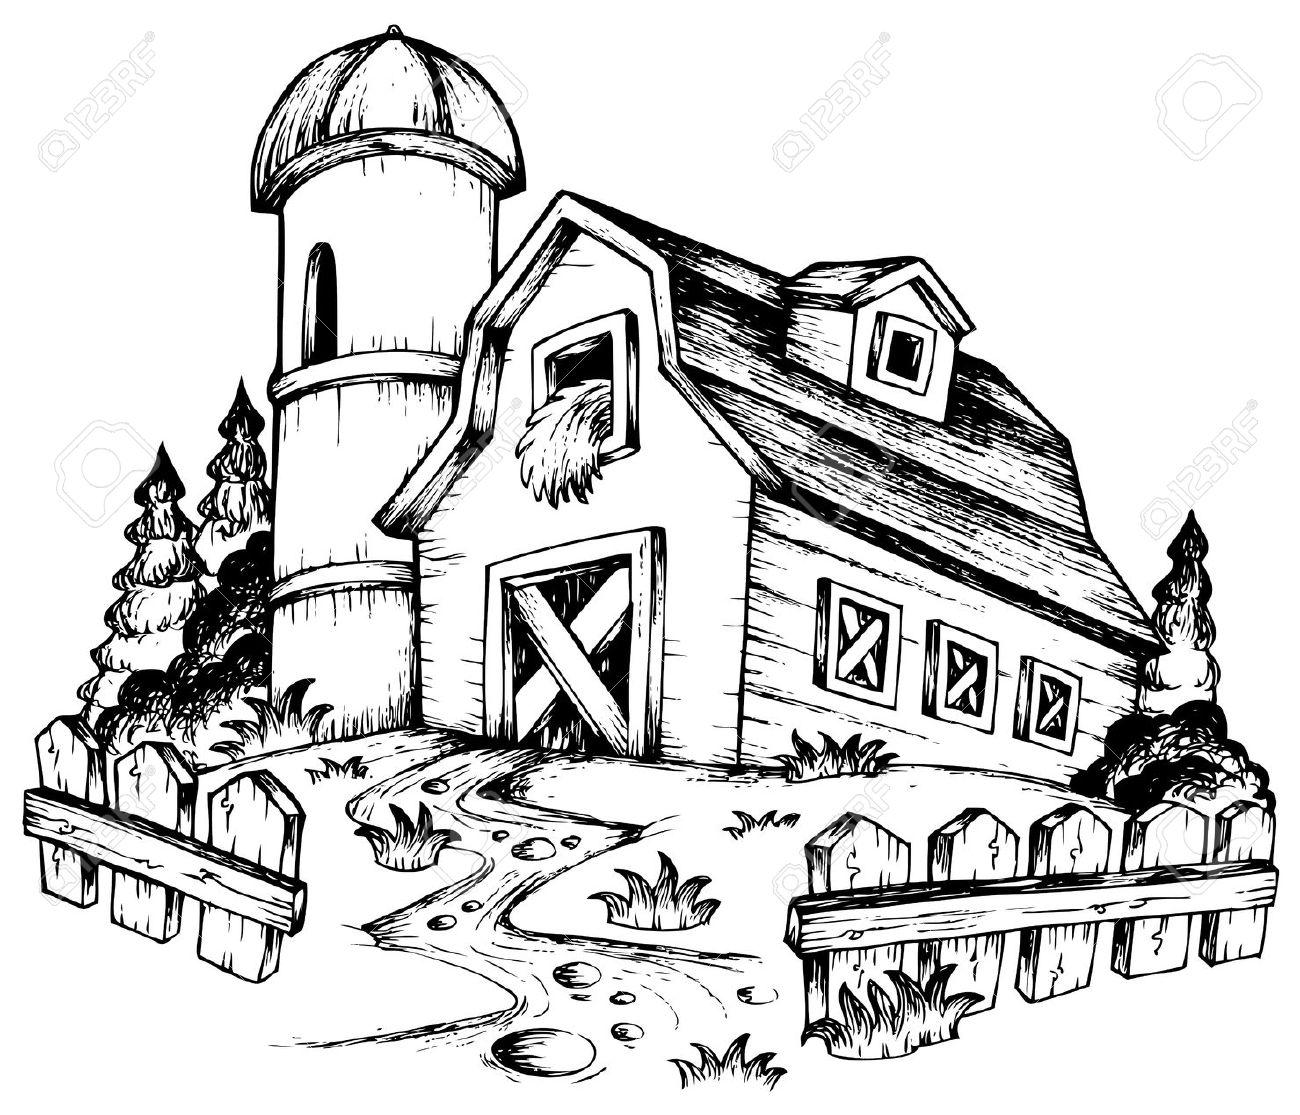 Drawn hosue farm house More! com/images/clairev/clairev1111  http://previews Explore